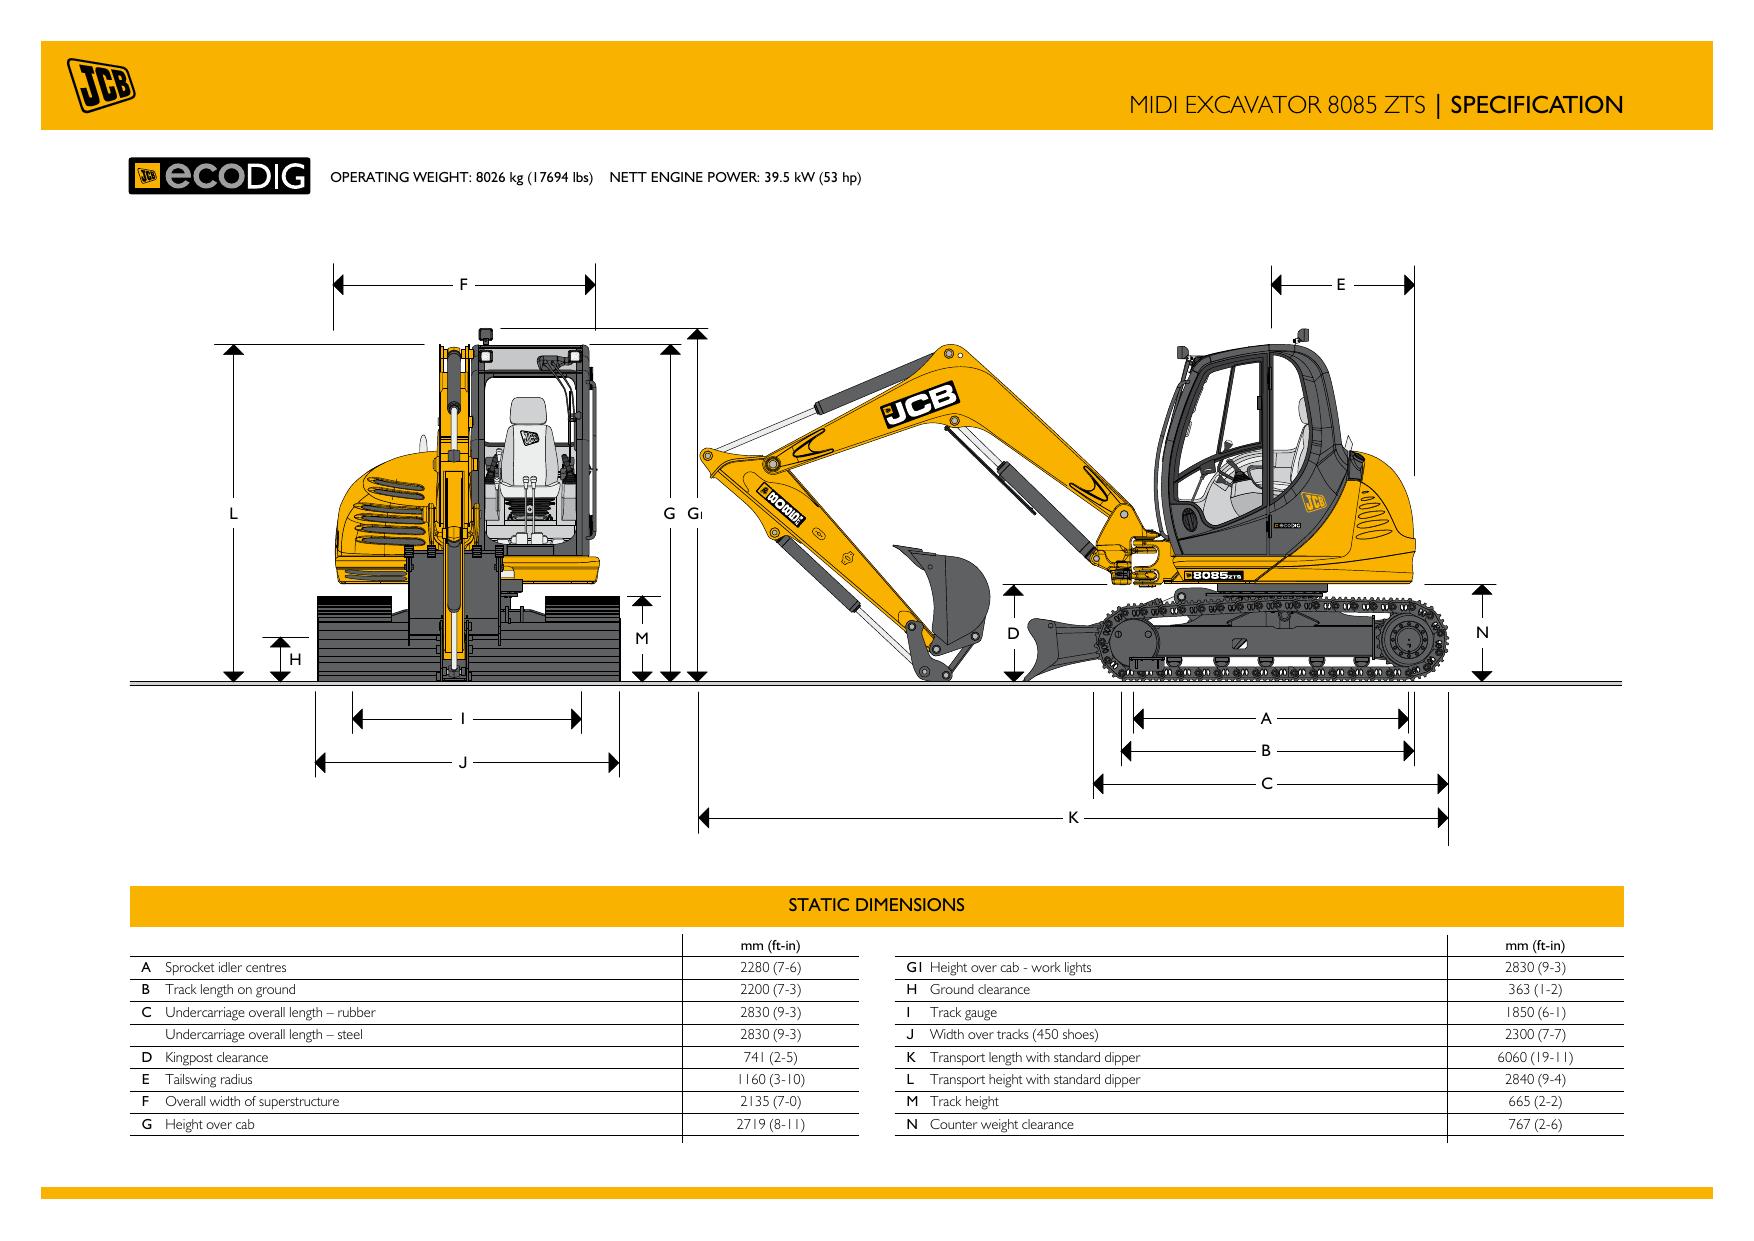 midi excavator 8085 zts | specification | manualzz com